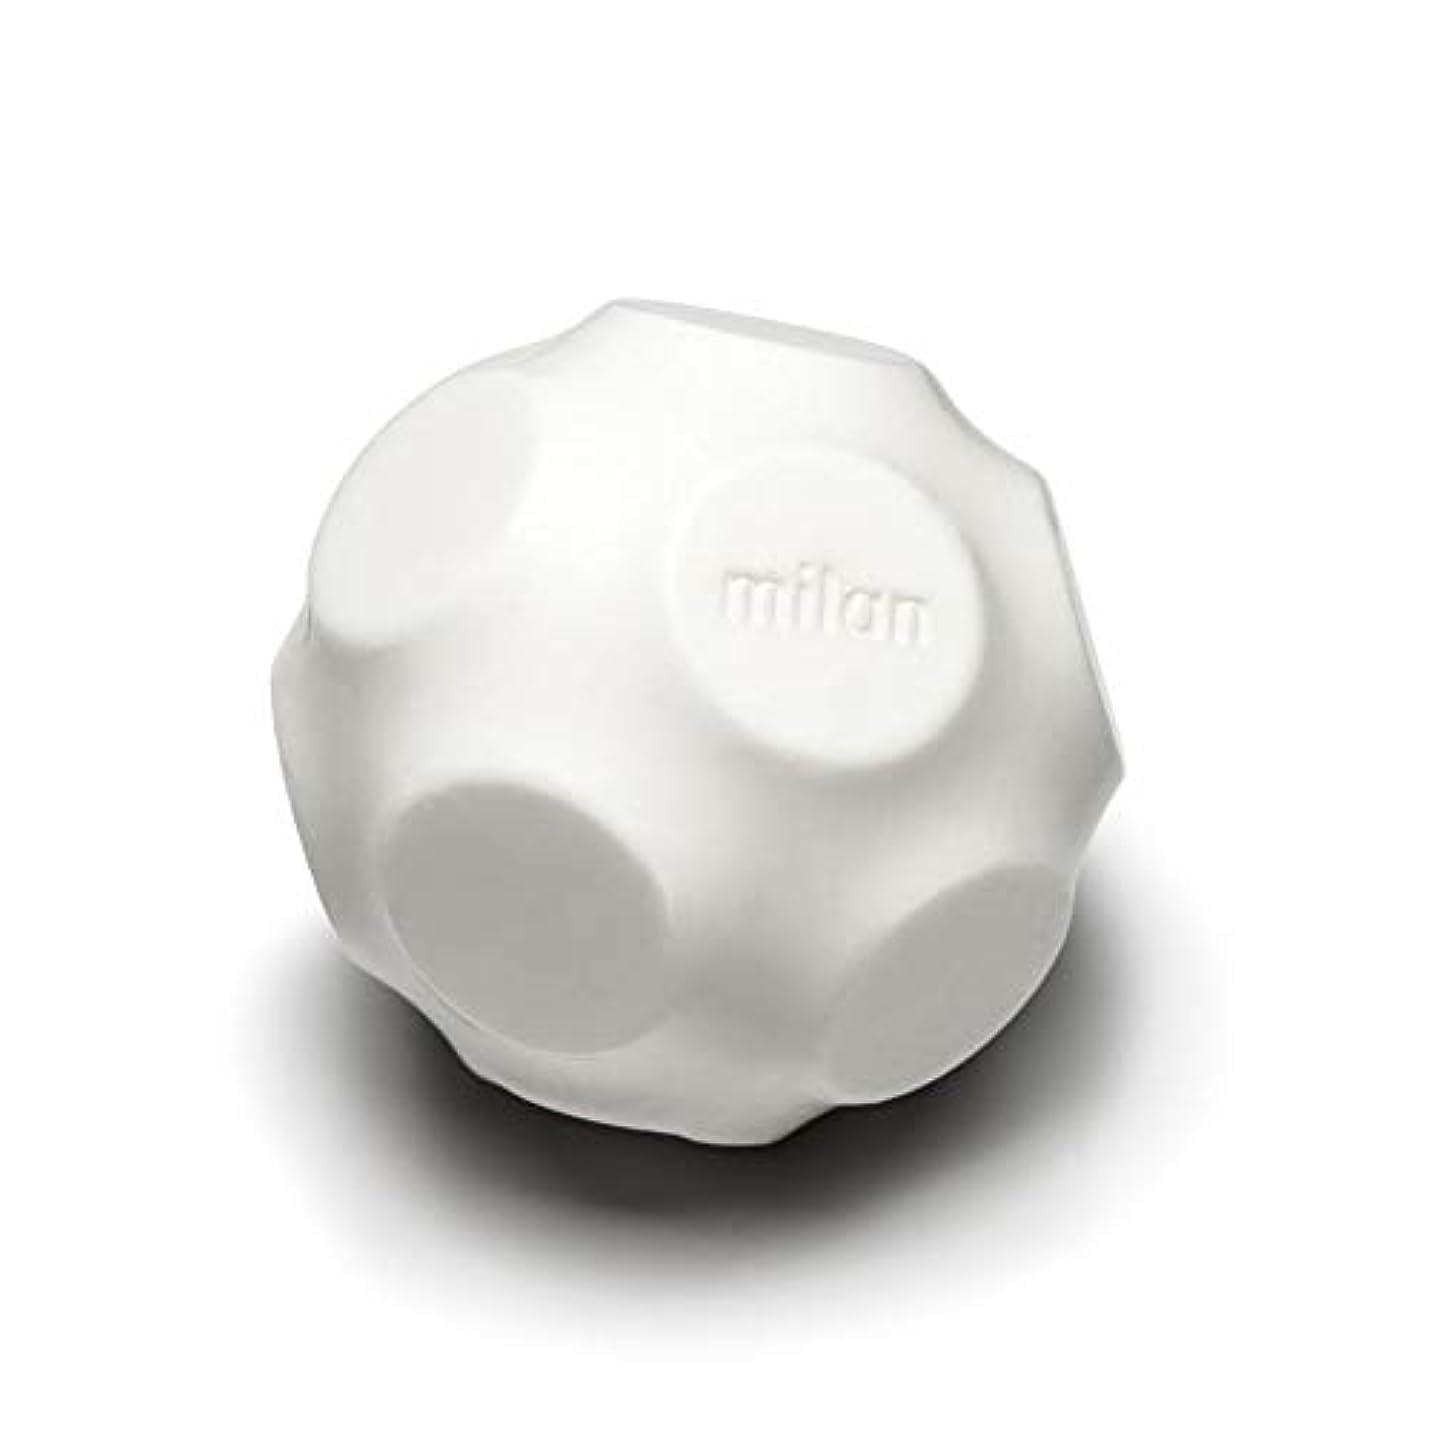 期待する納屋人差し指Maison Milan SIMONA ダイヤモンド粉 ホワイト 石鹸